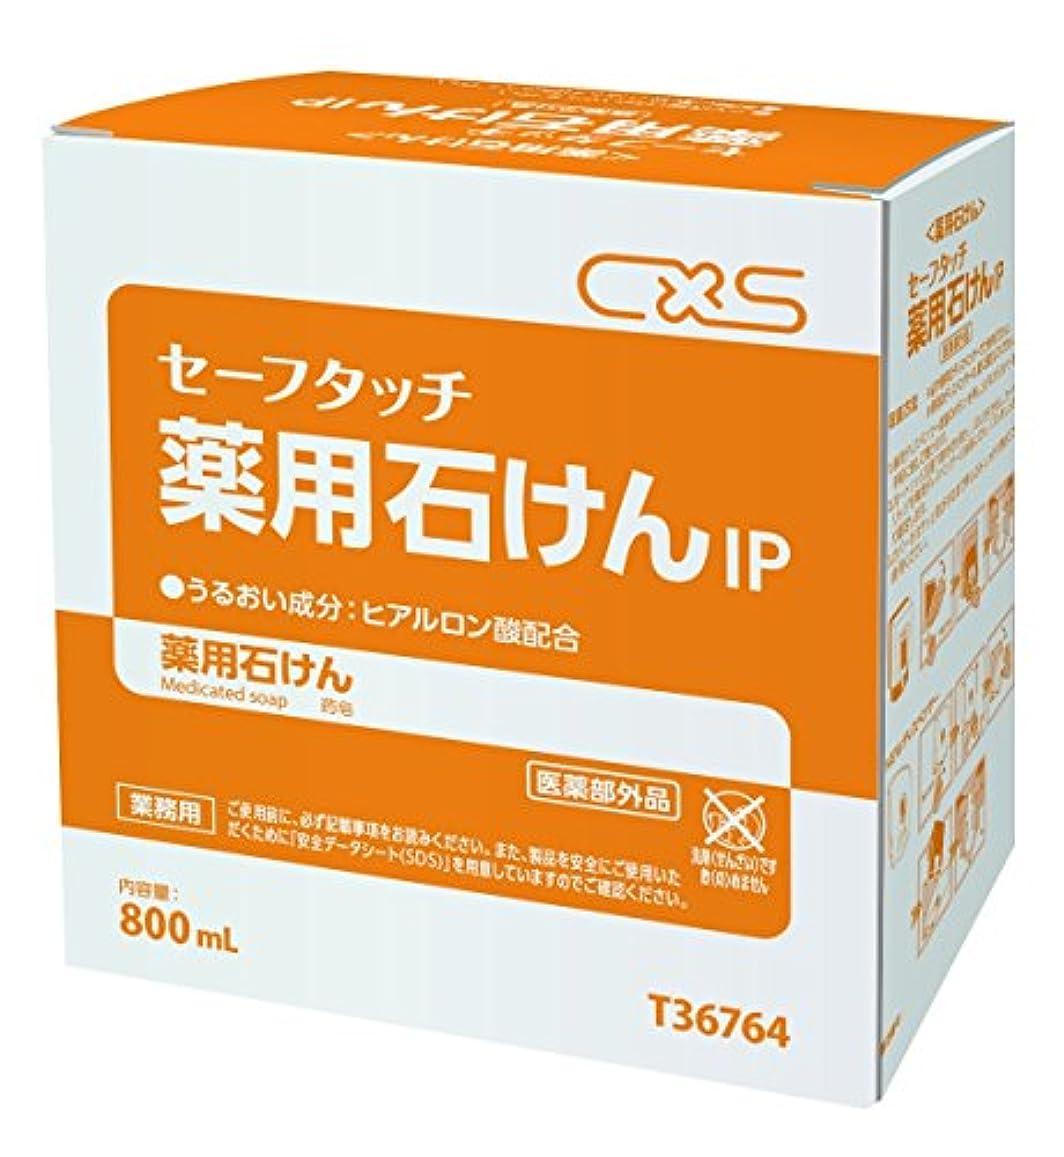 顕現オーロックスペードセーフタッチ 薬用石けんIP 6箱セット